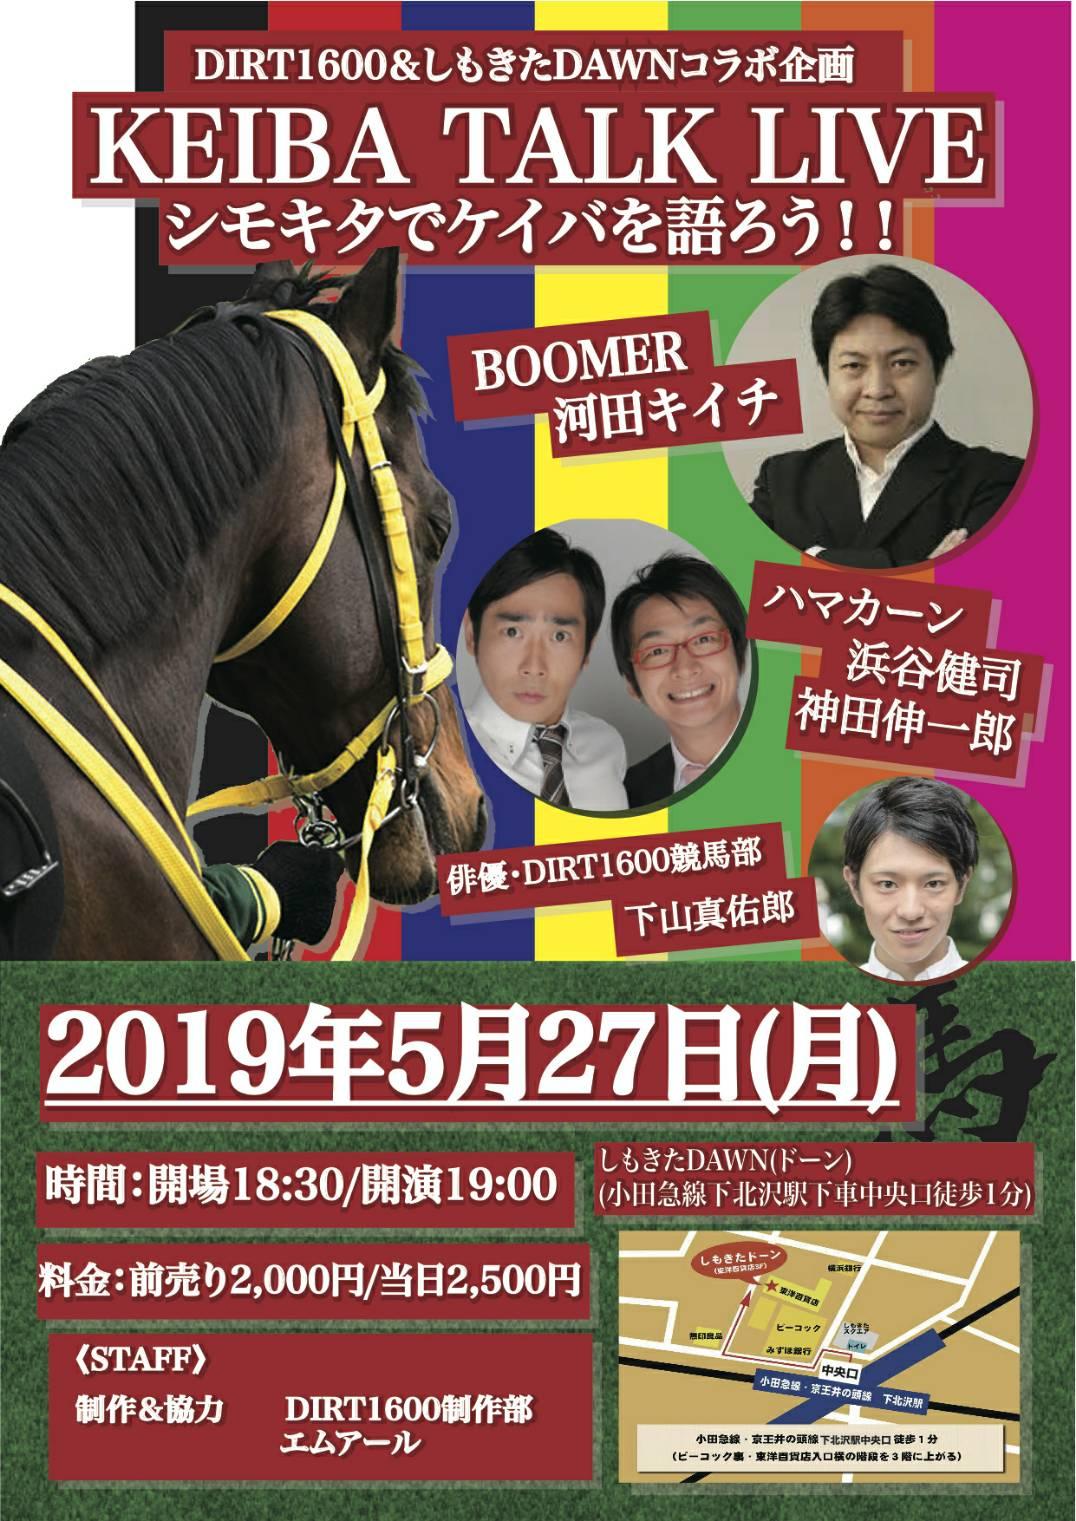 KEIBA TALK LIVE  シモキタでケイバを語ろう!! @ しもきたドーン